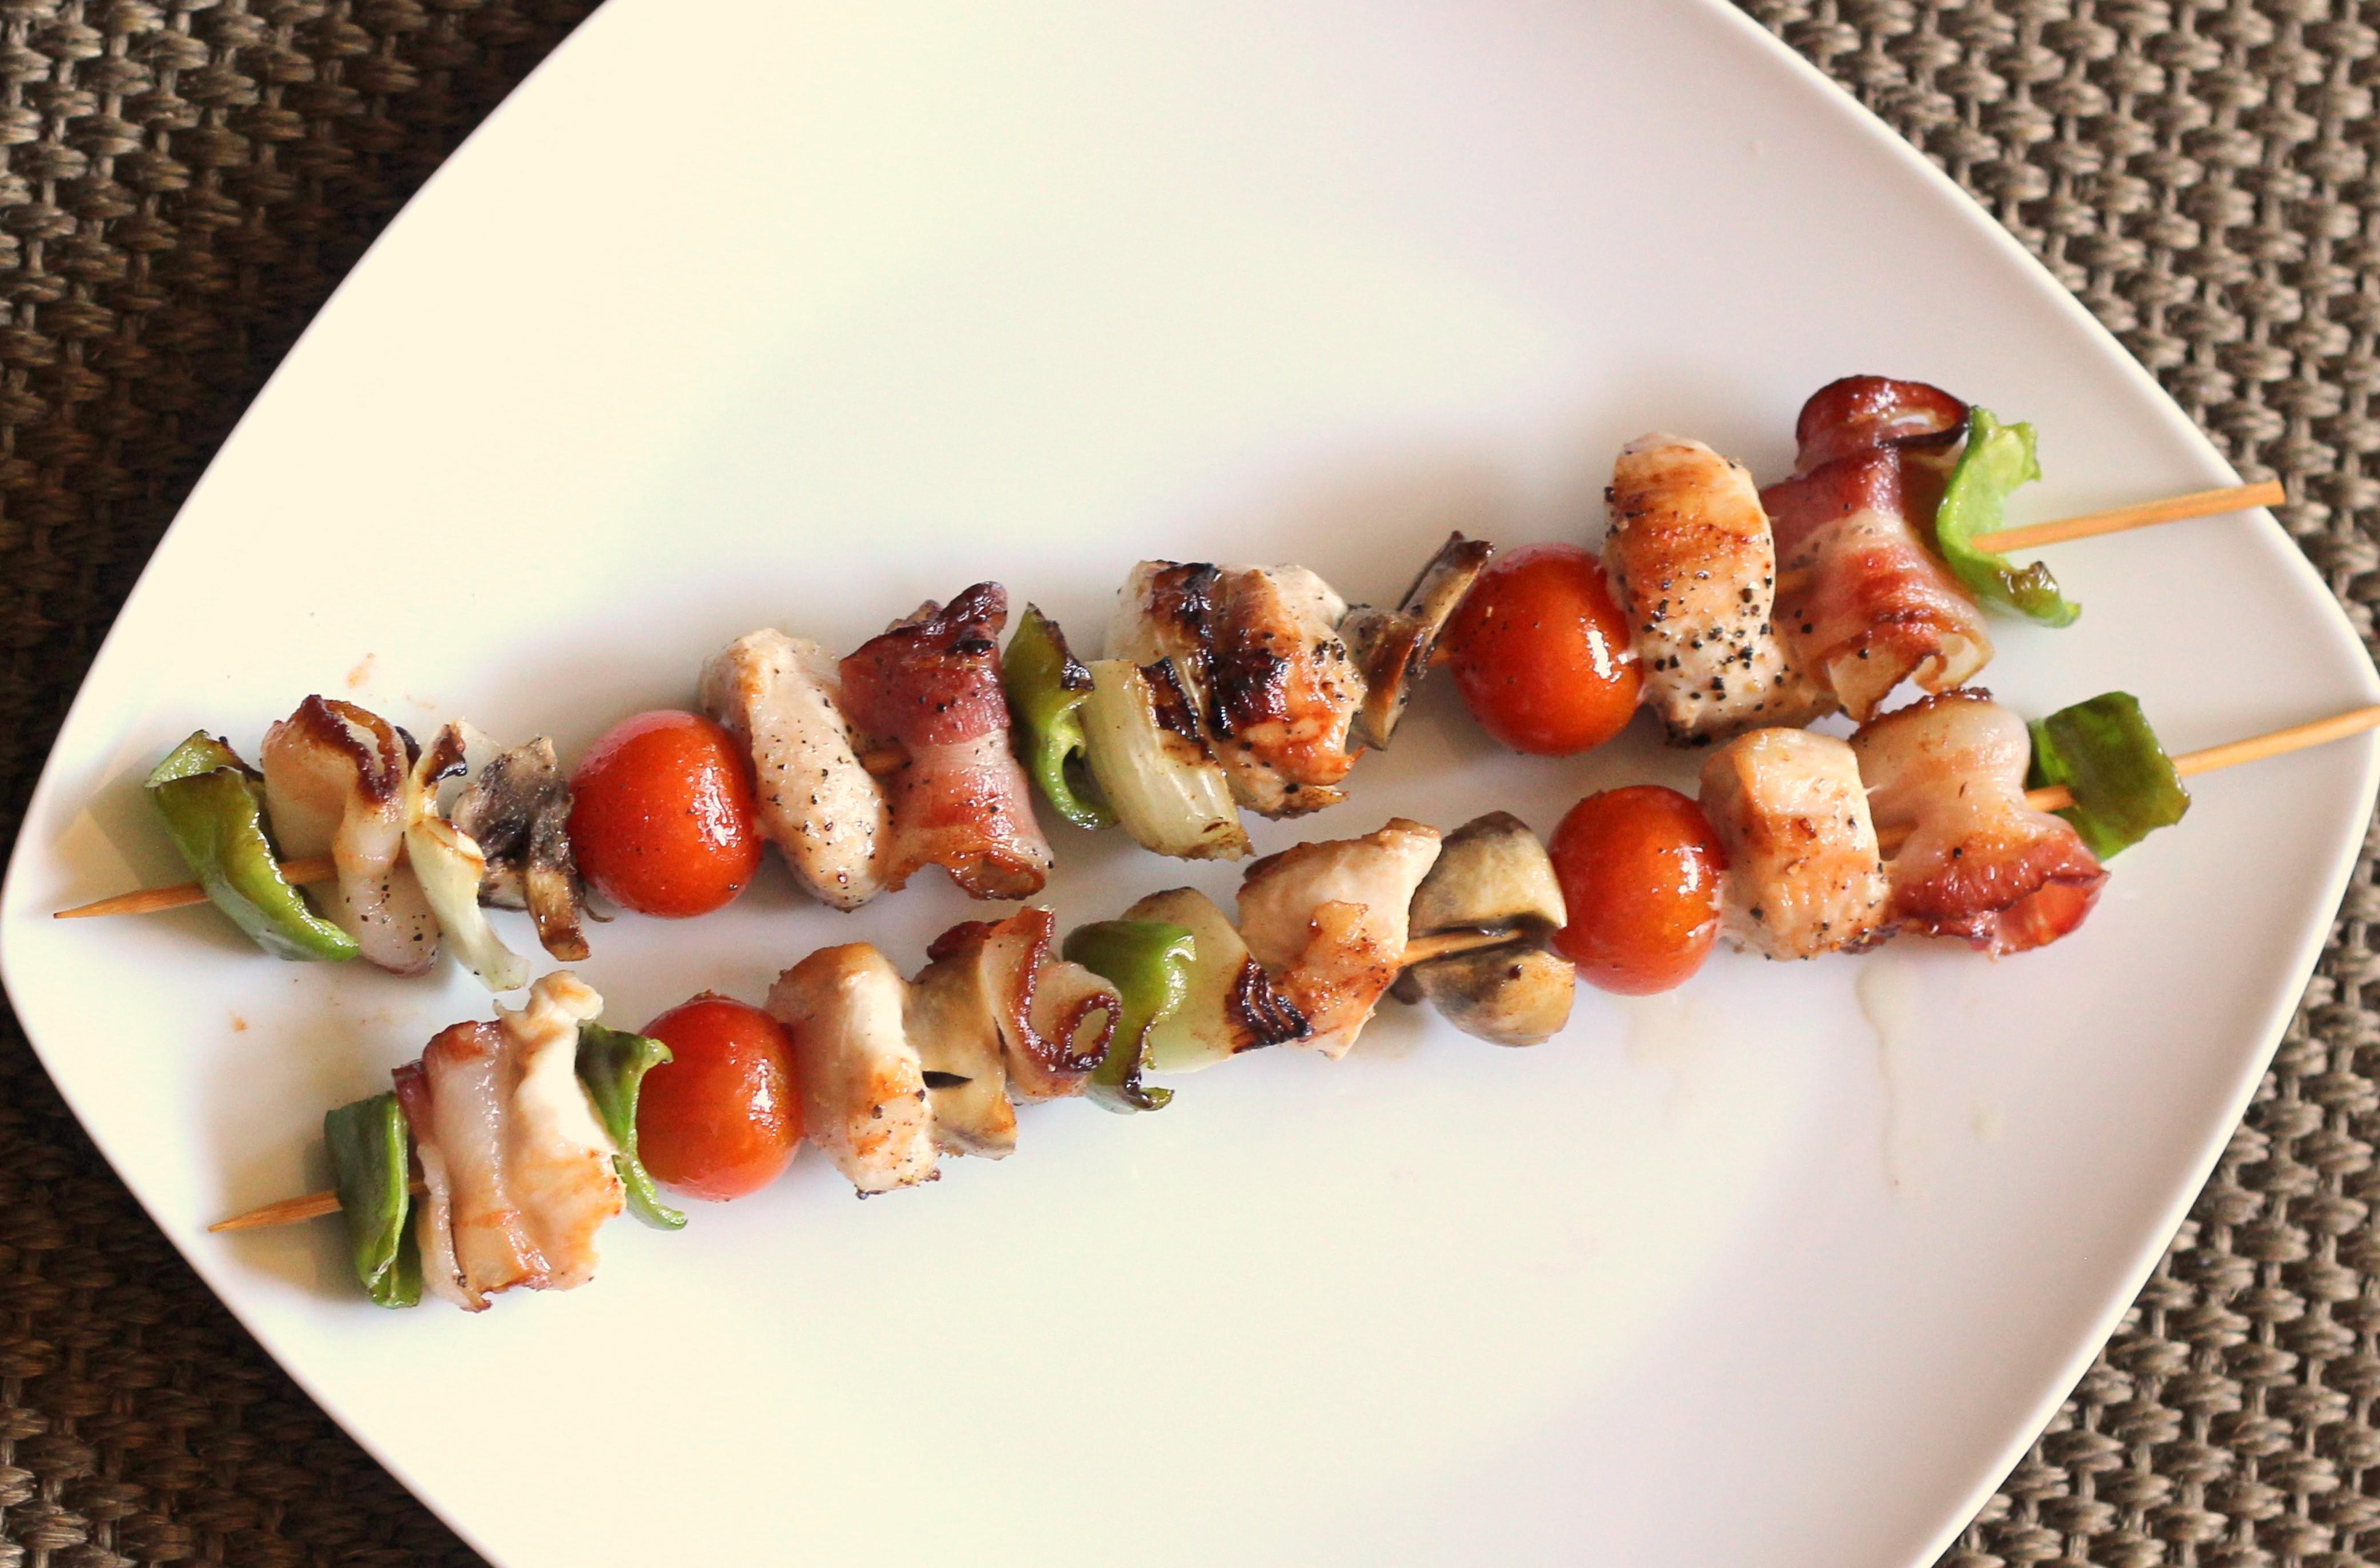 Disfruta de una cena sana y ligera con unas brochetas a la for Como preparar una cena saludable